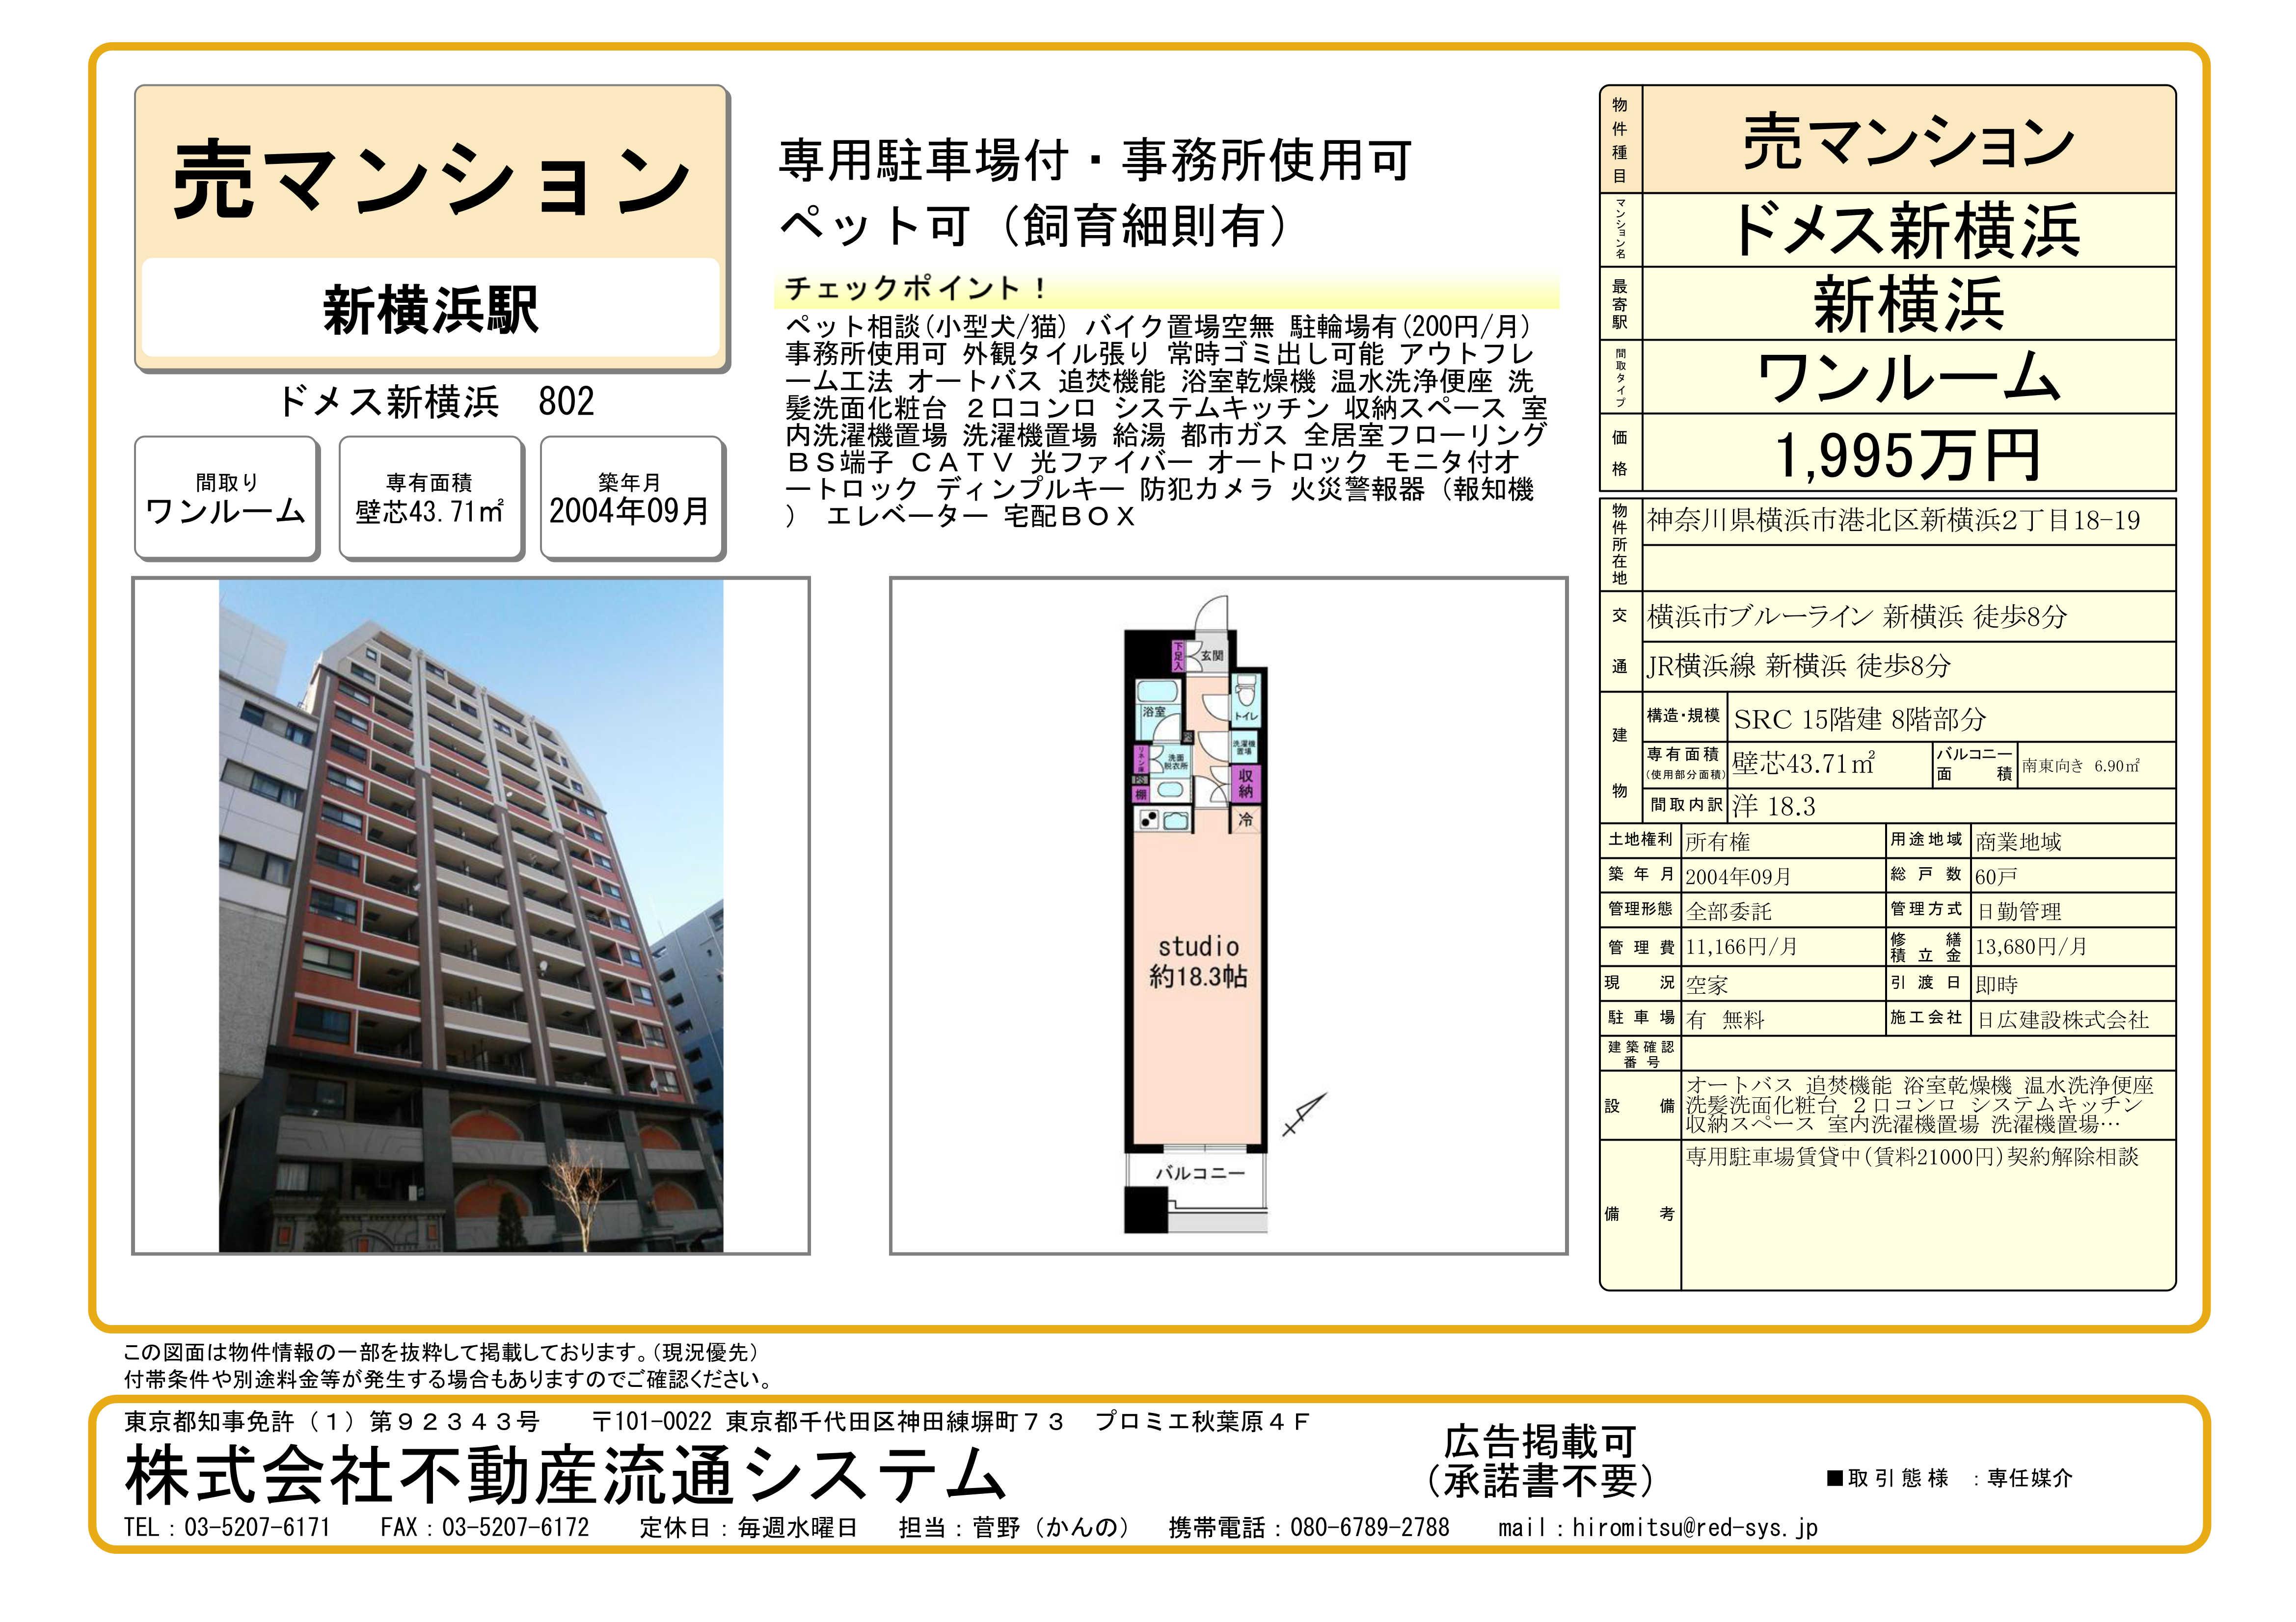 ドメス新横浜802